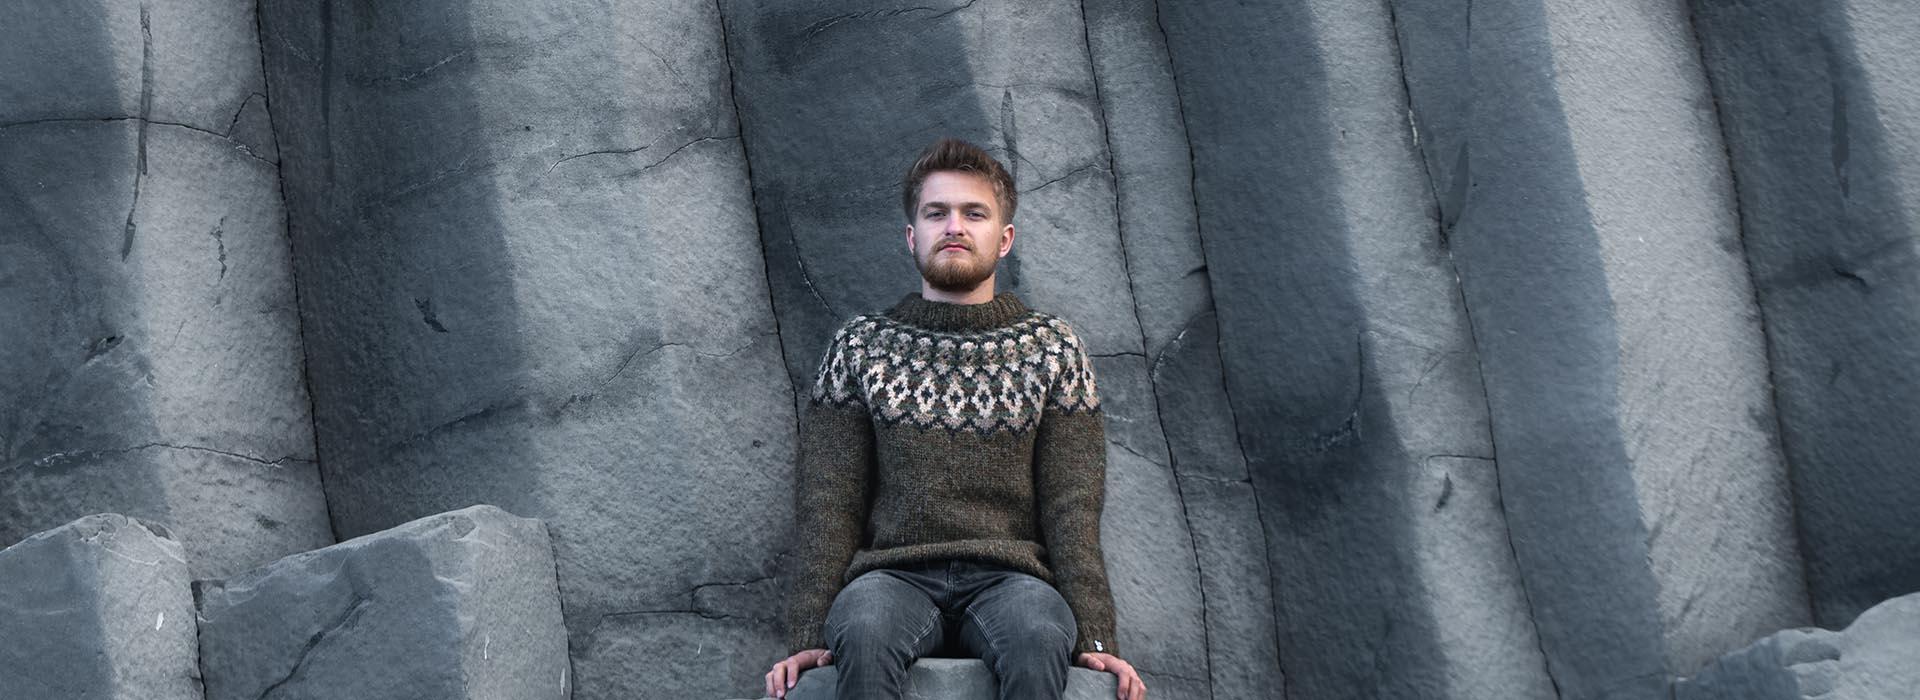 Warm wool sweaters